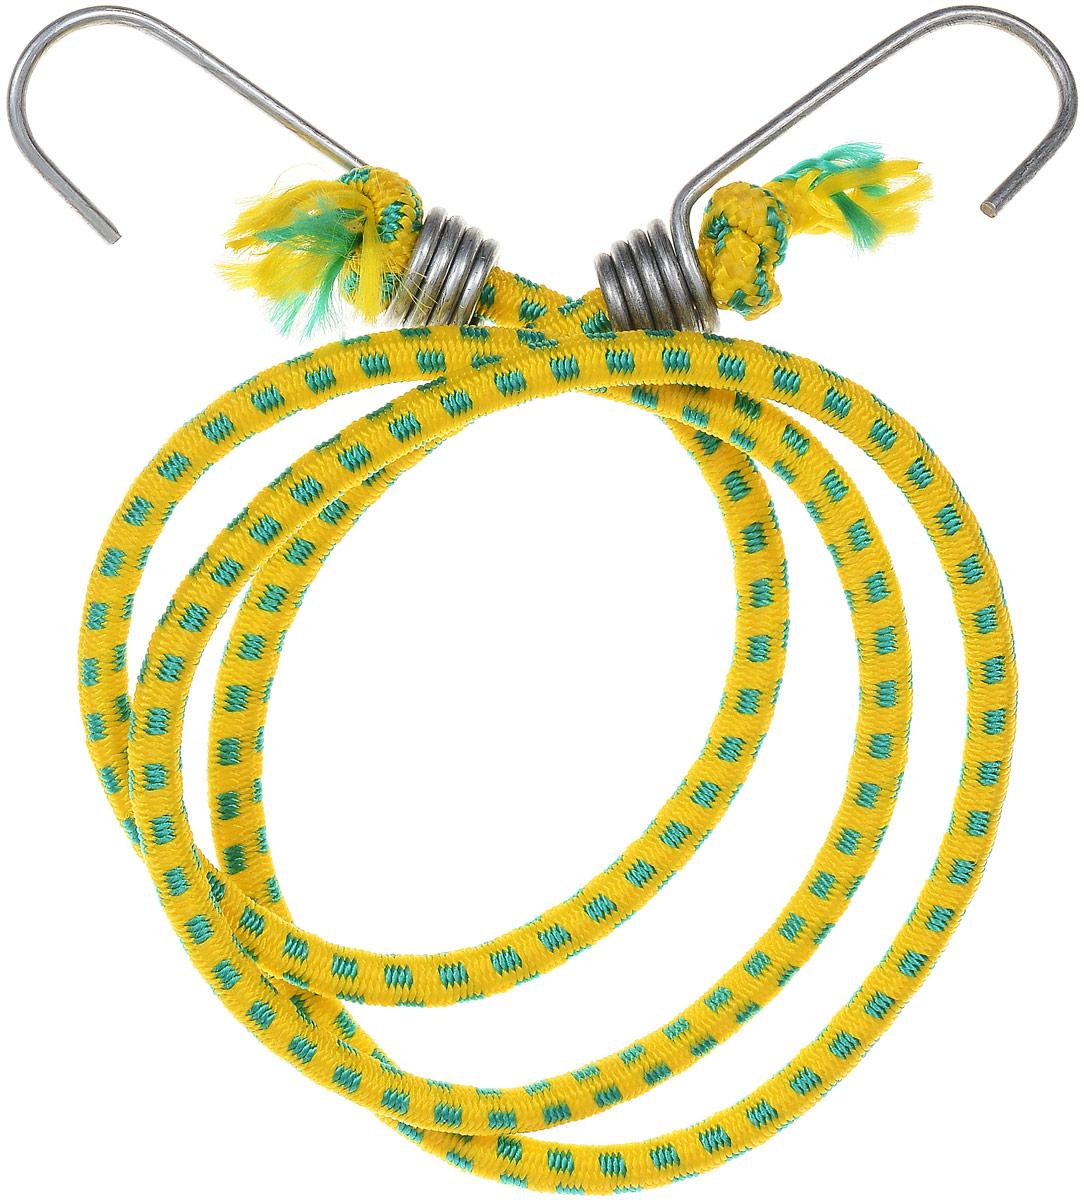 Резинка багажная МастерПроф, с крючками, цвет: желтый, зеленый, 0,6 х 110 см. АС.020052DW90Багажная резинка МастерПроф, выполненная из натурального каучука, оснащена специальными металлическими крюками, которые обеспечивают прочное крепление и не допускают смещения груза во время его перевозки. Изделие применяется для закрепления предметов к багажнику. Такая резинка позволит зафиксировать как небольшой груз, так и довольно габаритный.Температура использования: -50°C до +50°C.Безопасное удлинение: 125%.Толщина резинки: 6 мм.Длина резинки: 110 см.